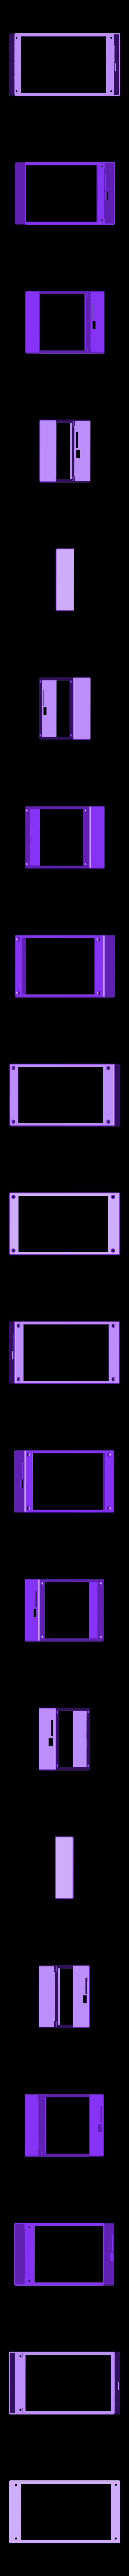 MKS_TFT_70_v2.STL Télécharger fichier STL gratuit Écran MKS TFT70 Cover Gehäuse • Design à imprimer en 3D, Leon75